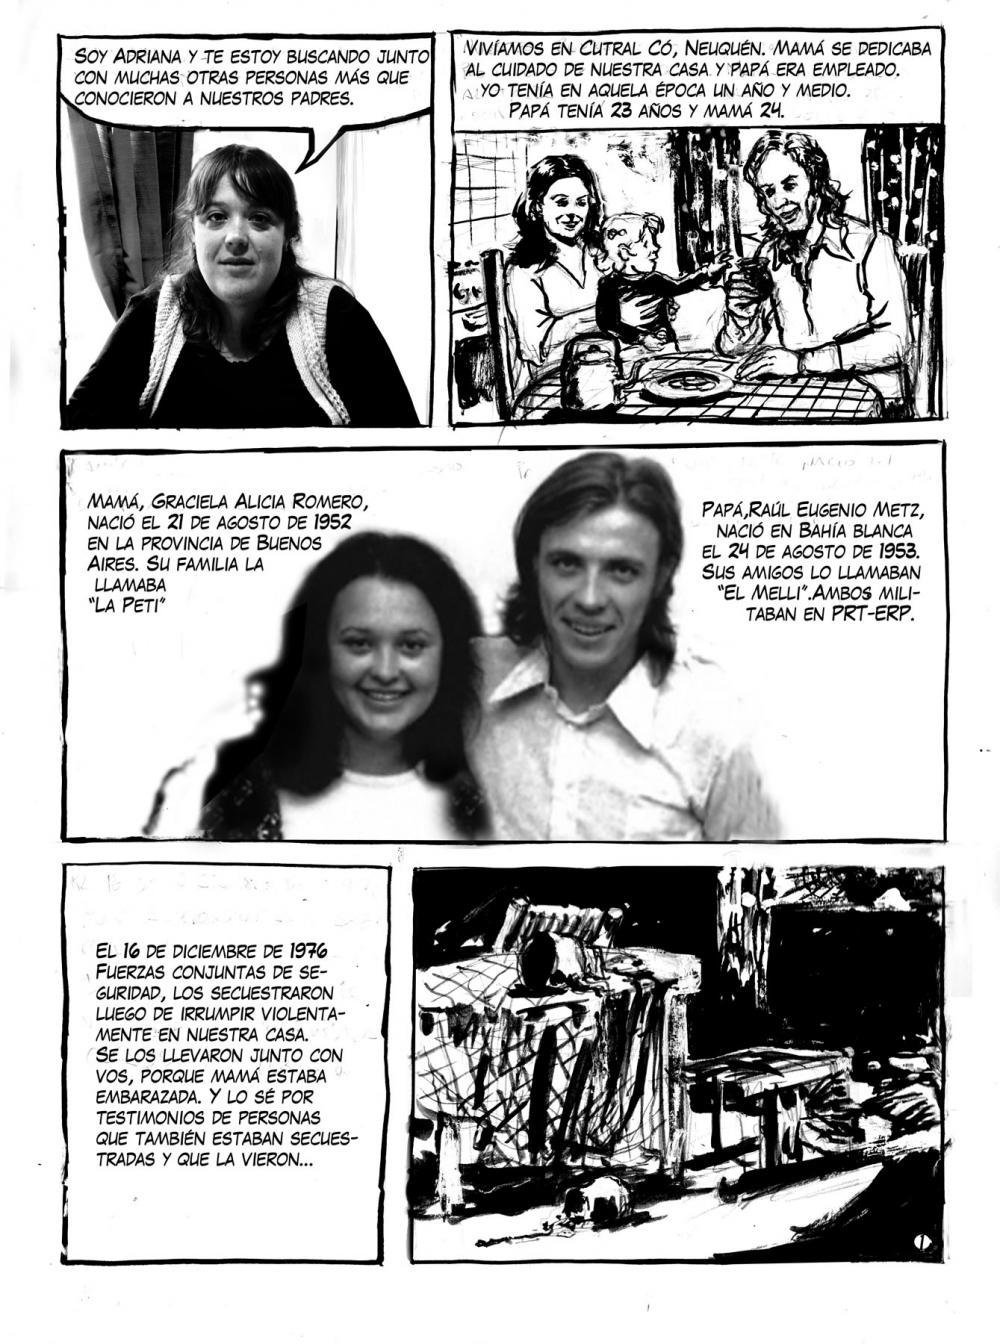 Historietas por la Identidad: Adriana Metz busca a su hermano | El Diario 24